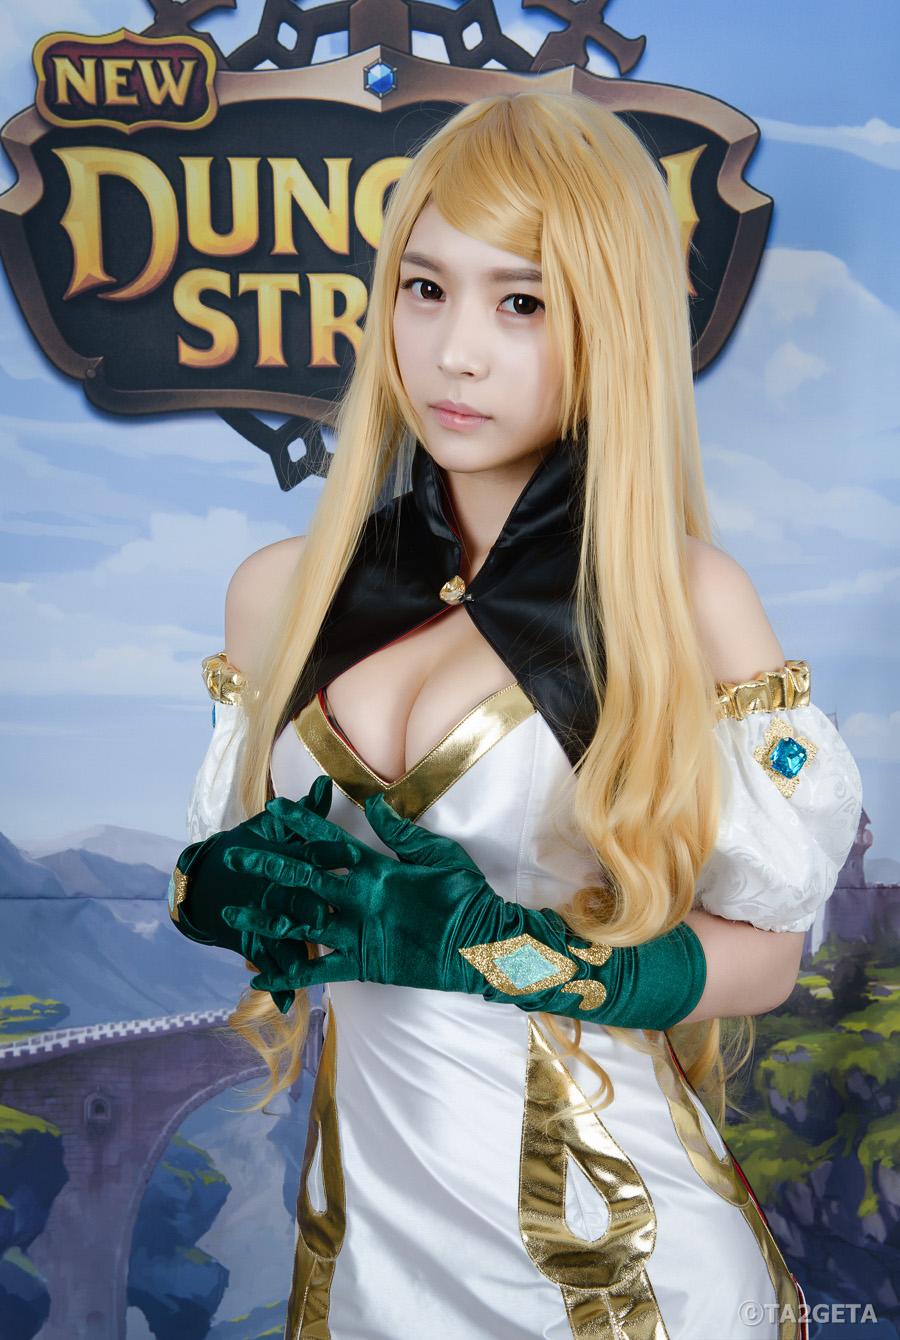 Chảy máu mũi với cosplay New Dungeon Striker - Ảnh 2